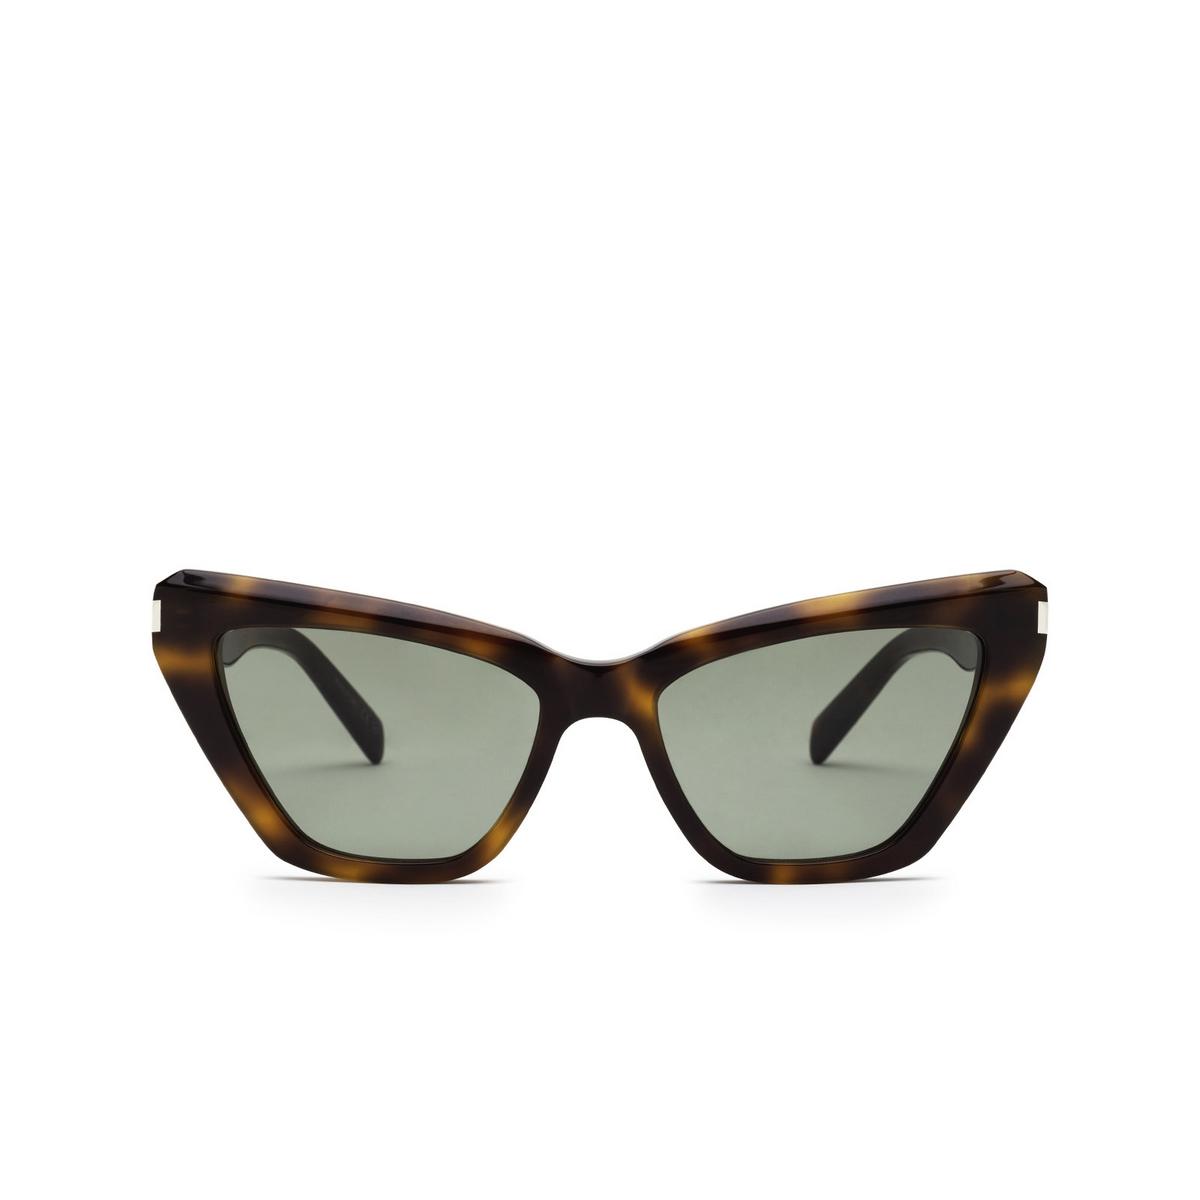 Saint Laurent® Cat-eye Sunglasses: SL 466 color Havana 002 - front view.